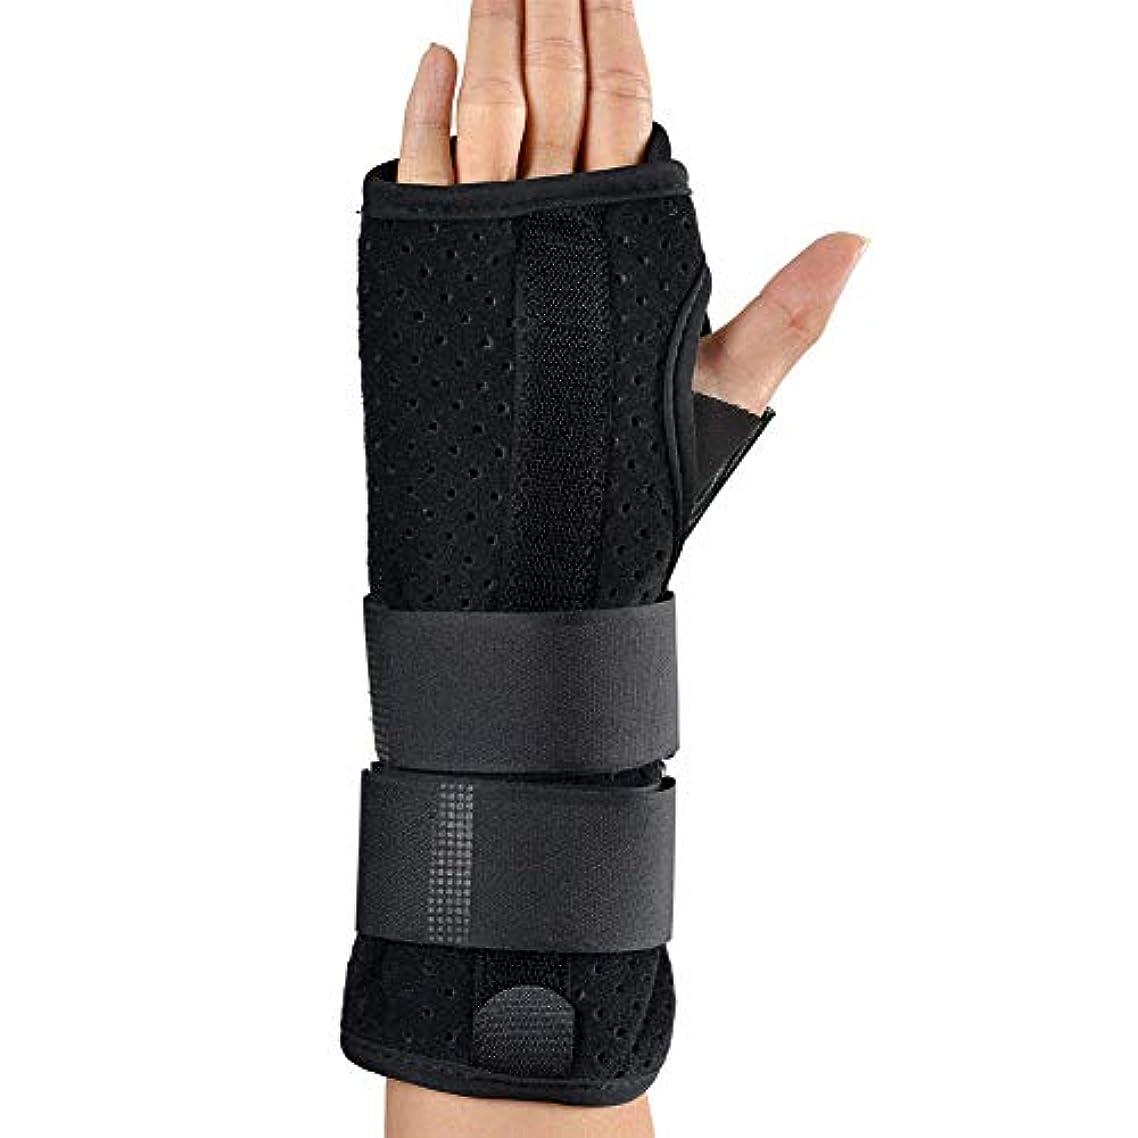 ベルベット経歴実験的手首矯正ベルトアルミプレートアジャスタブル手首捻挫固定式通気性指伸ばし副木(黒),Righthand,L